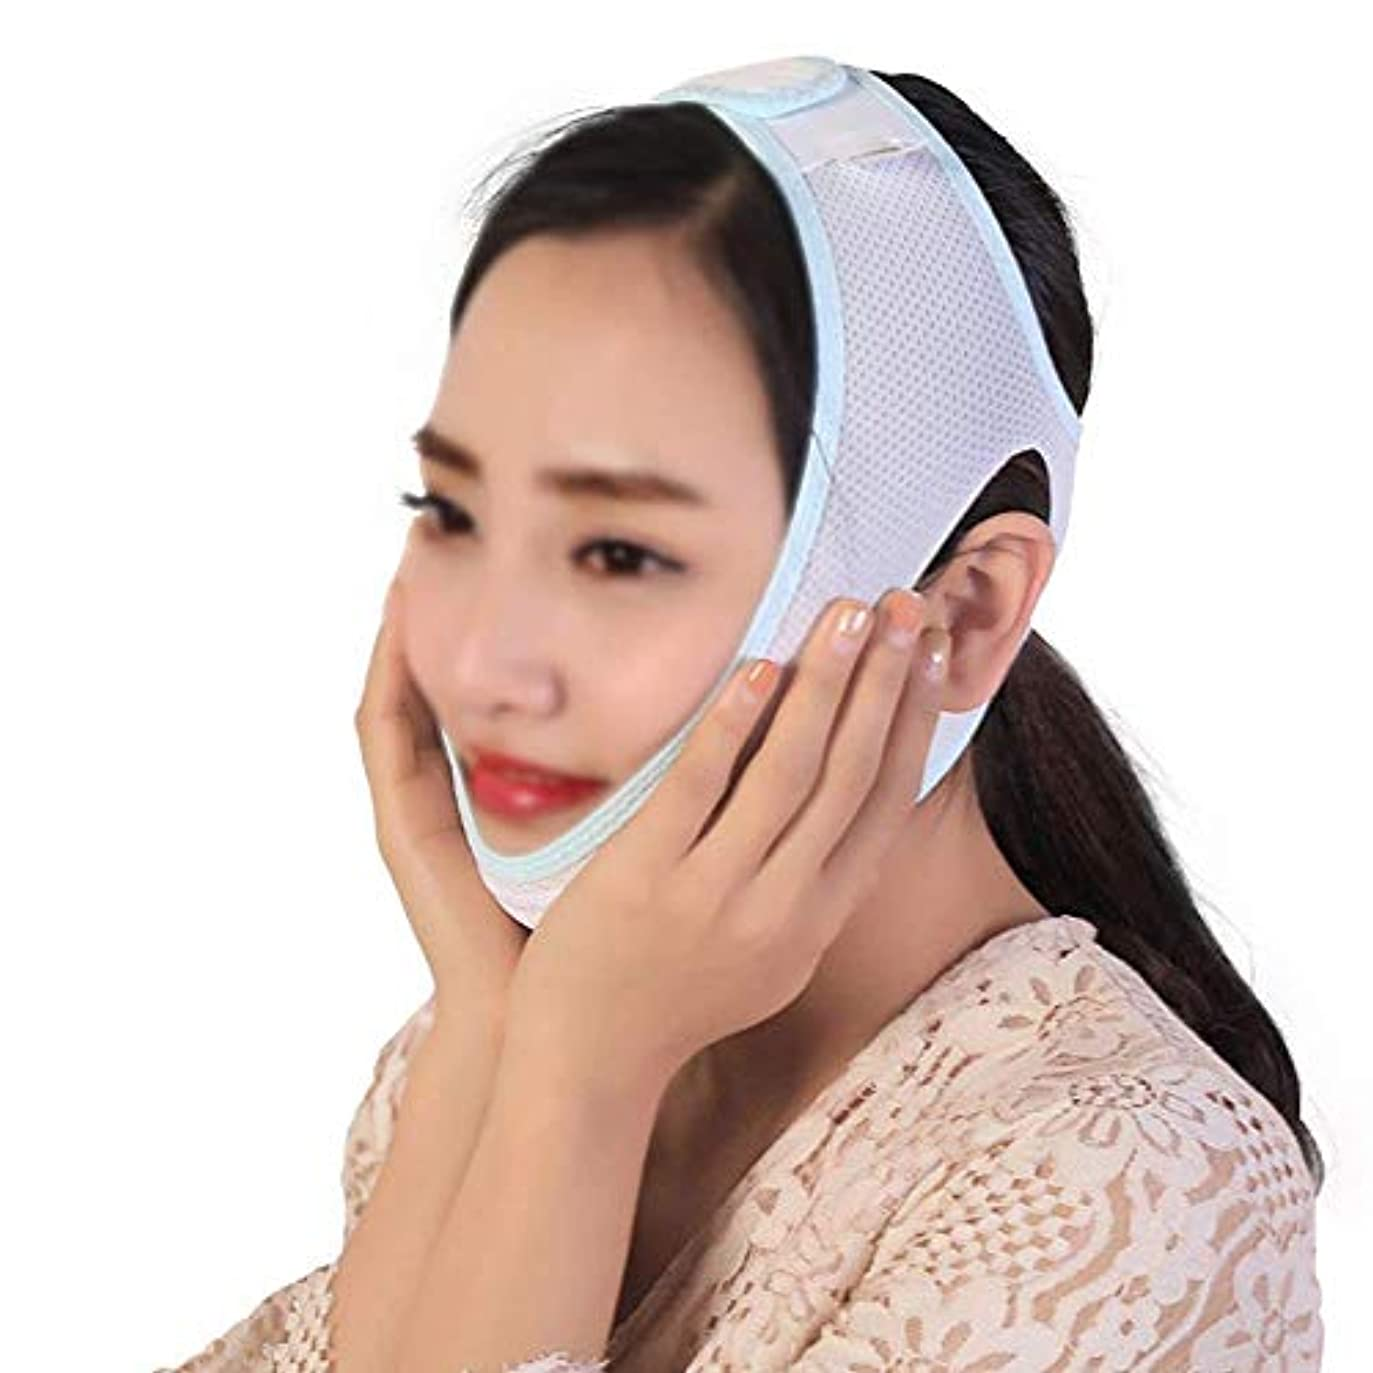 事件、出来事高度な媒染剤ファーミングフェイスマスク、スモールVフェイスアーティファクトリフティングフェイスプラスチックフェイスマスクコンフォートアップグレードの最適化フェイスカーブの包括的な通気性包帯の改善(サイズ:M)